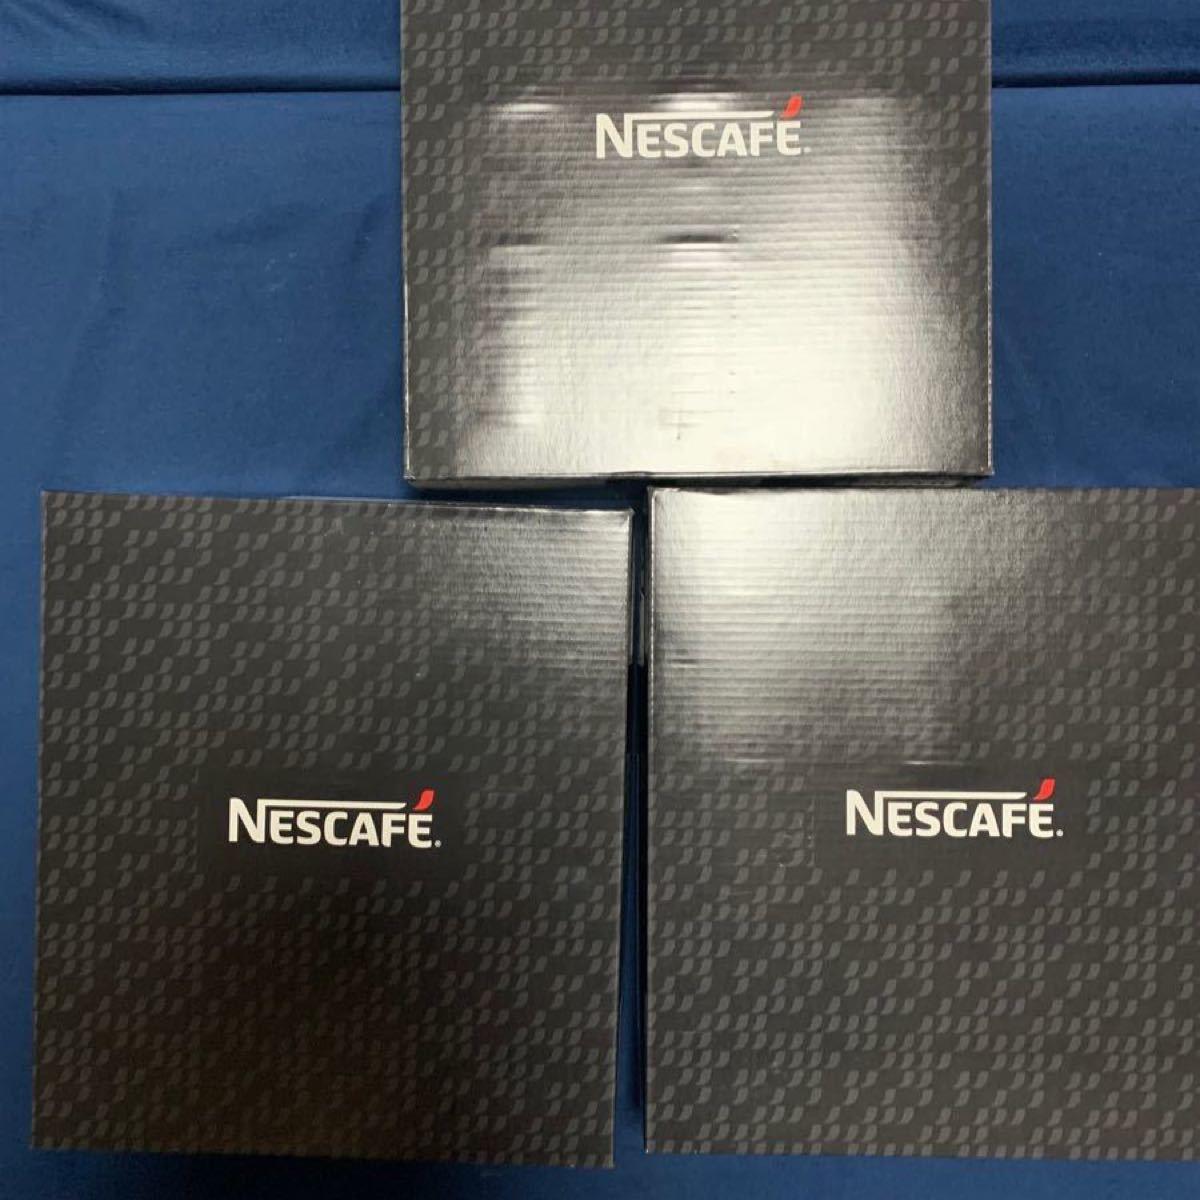 NESCAFE ネスカフェ ネスレ インスタントコーヒー エクセラ ゴールドブレンド 香り華やぐ